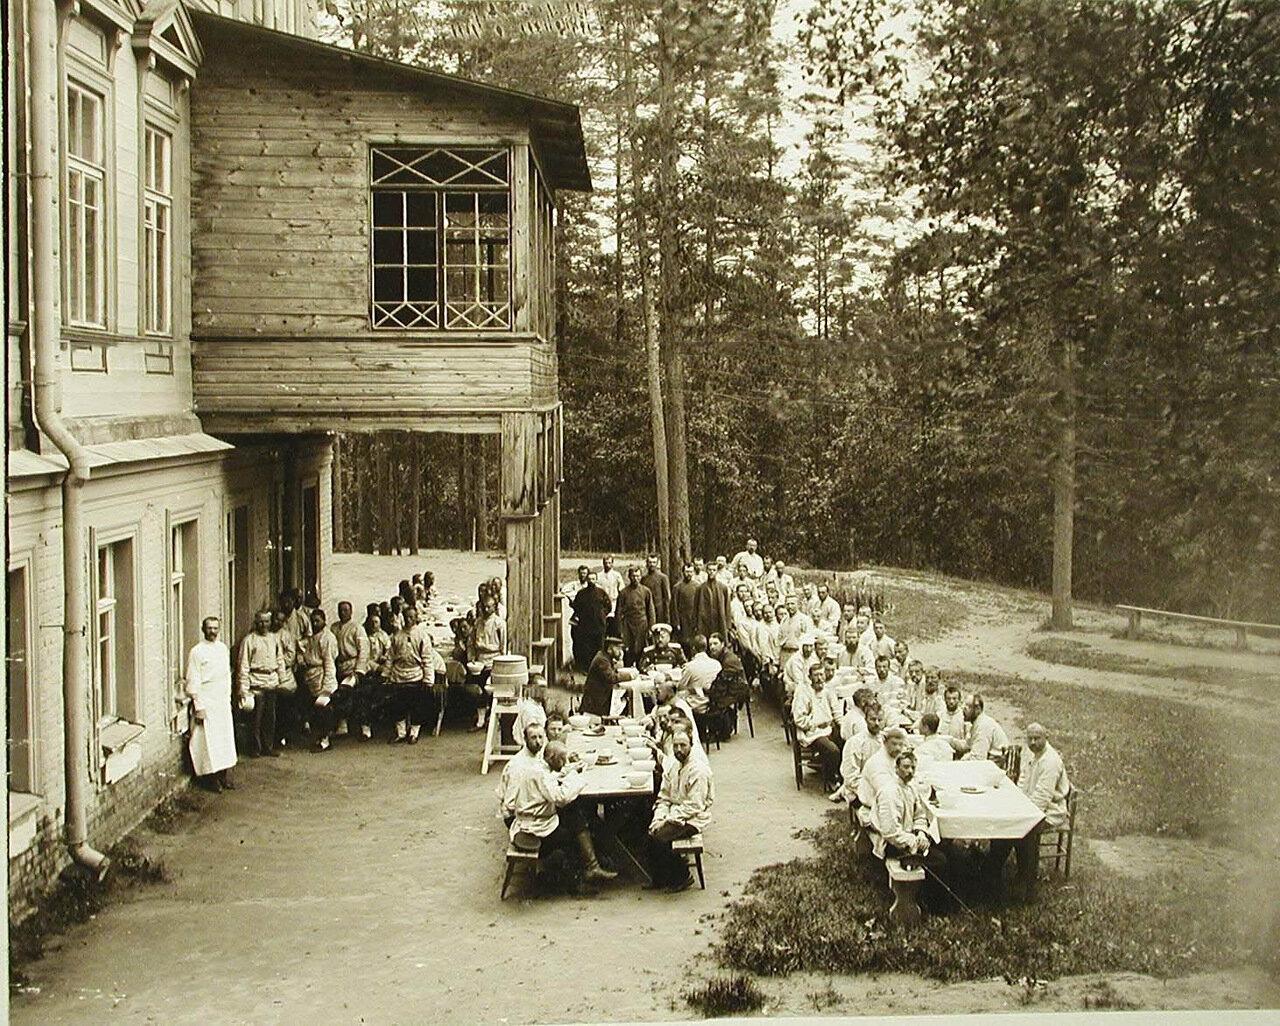 09. Раненые солдаты во время обеда на свежем воздухе около здания здравницы императрицы Марии Федоровны для раненых и больных воинов